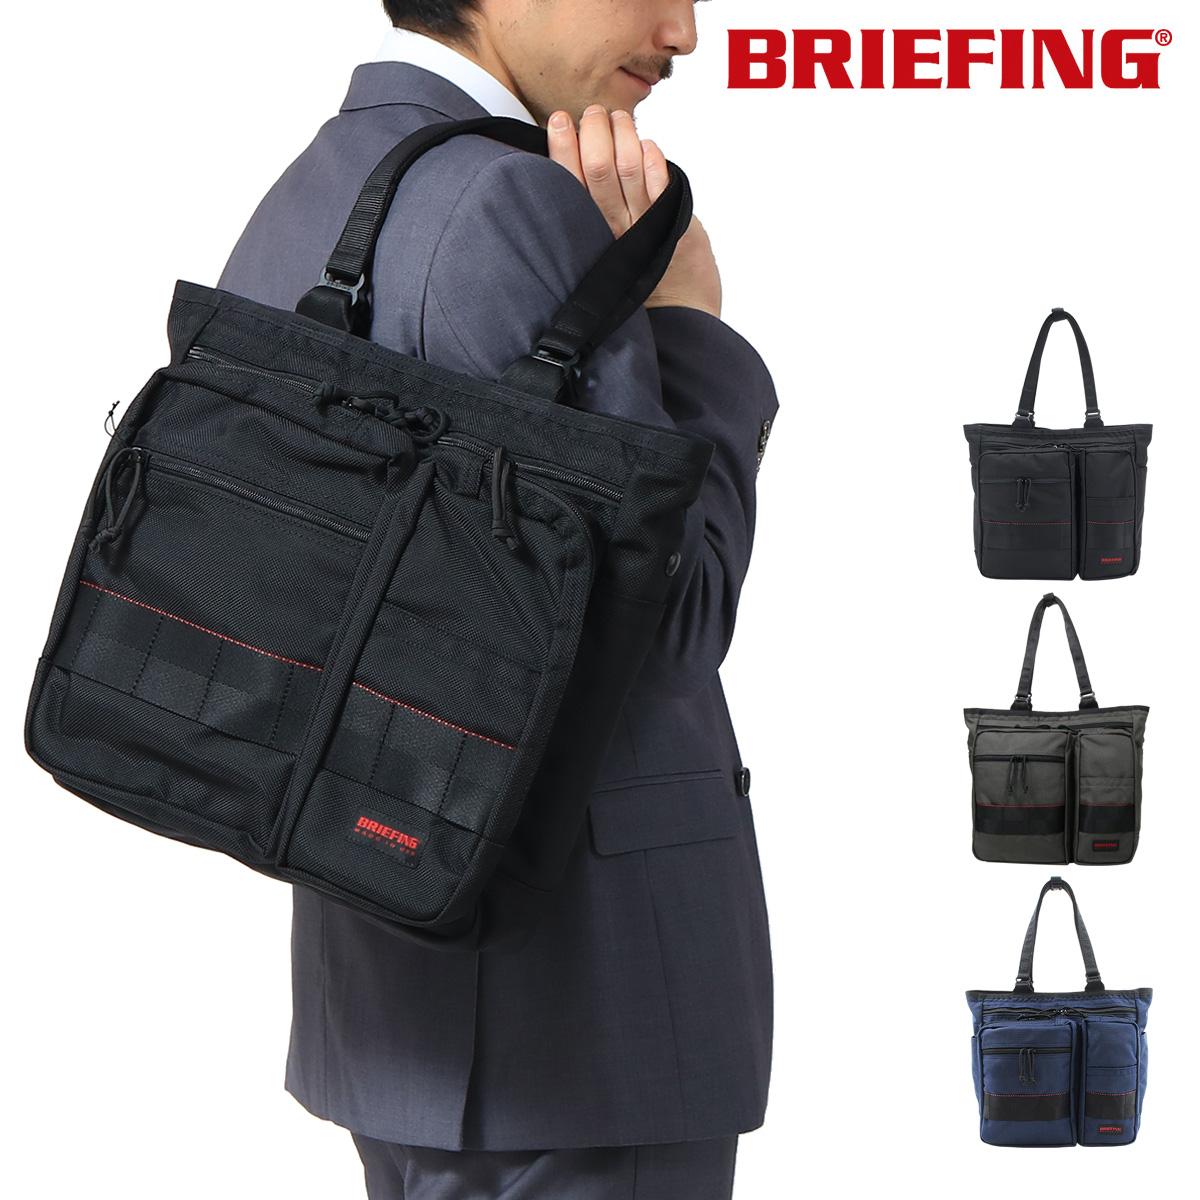 ブリーフィング トートバッグ USA BRF300219 BRIEFING BS TOTE TALL 縦長 トート ビジネストート バリスティックナイロン メンズ[PO10][bef][即日発送]